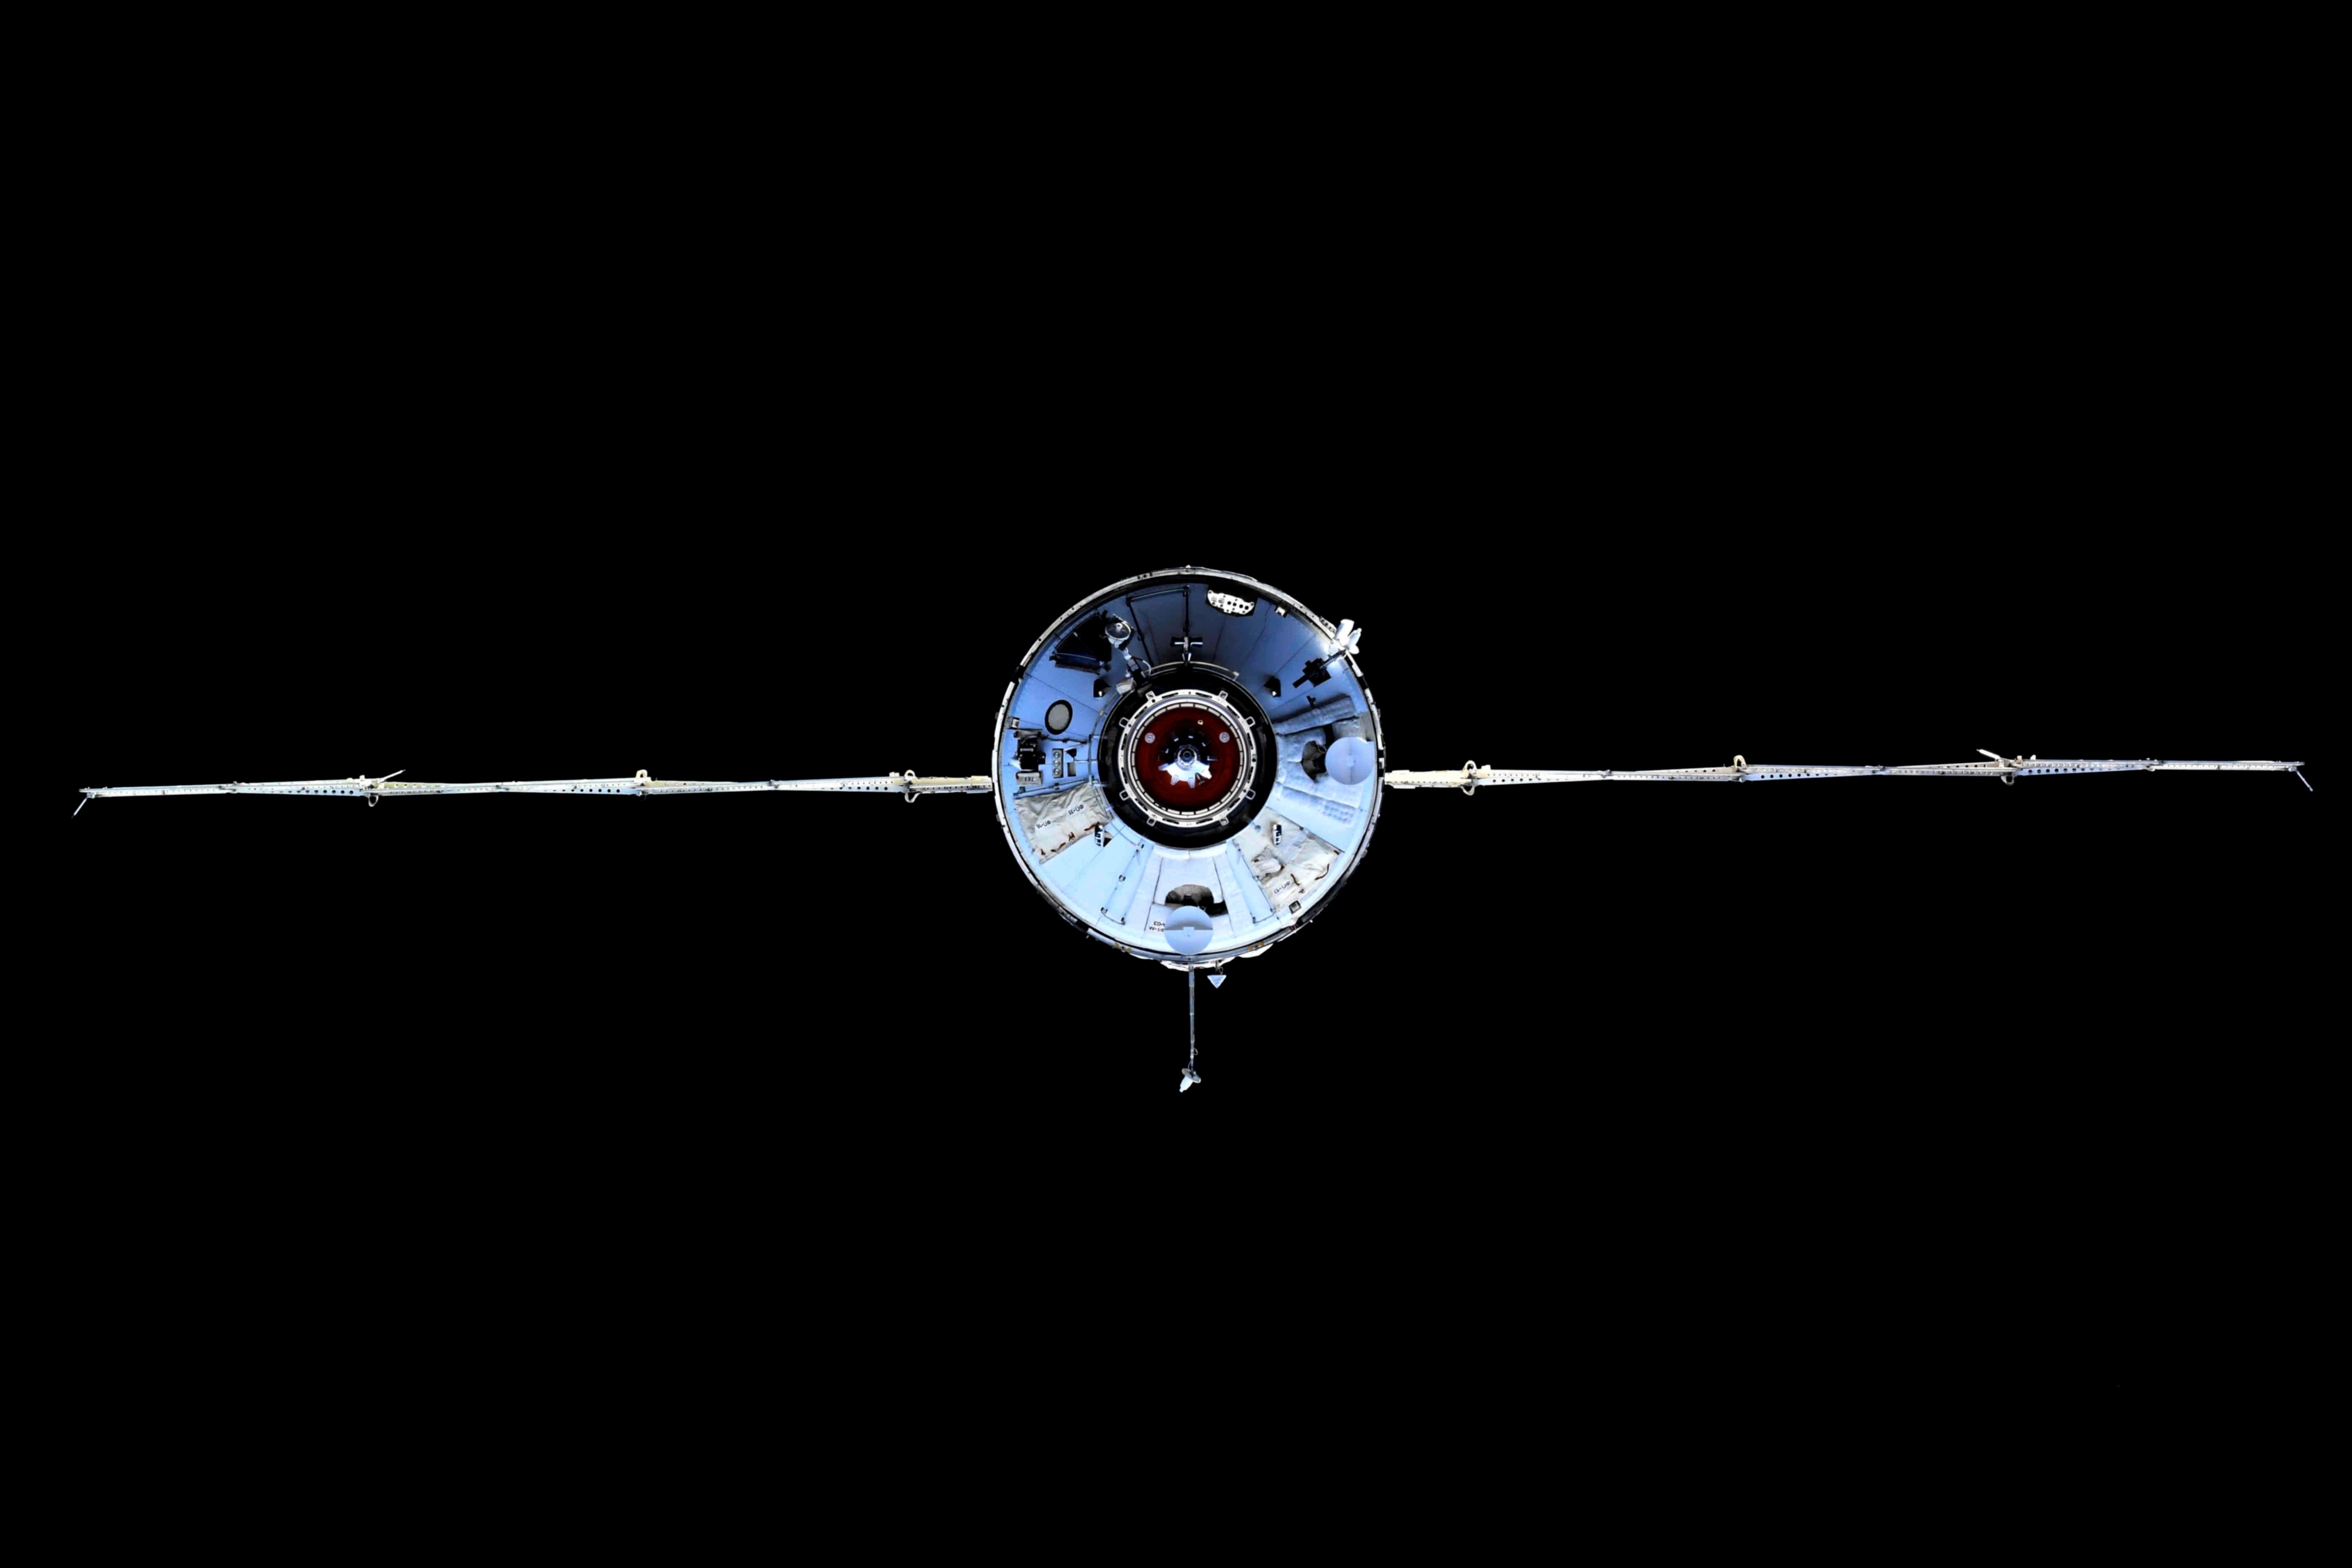 """Шматмэтавы лабараторны модуль """"Навука"""" (Навука) можна ўбачыць падчас стыкоўкі з Міжнароднай касмічнай станцыяй (МКС) 29 ліпеня 2021 г. Алег Навіцкі / Раскосмас / Раздача праз REUTERS"""